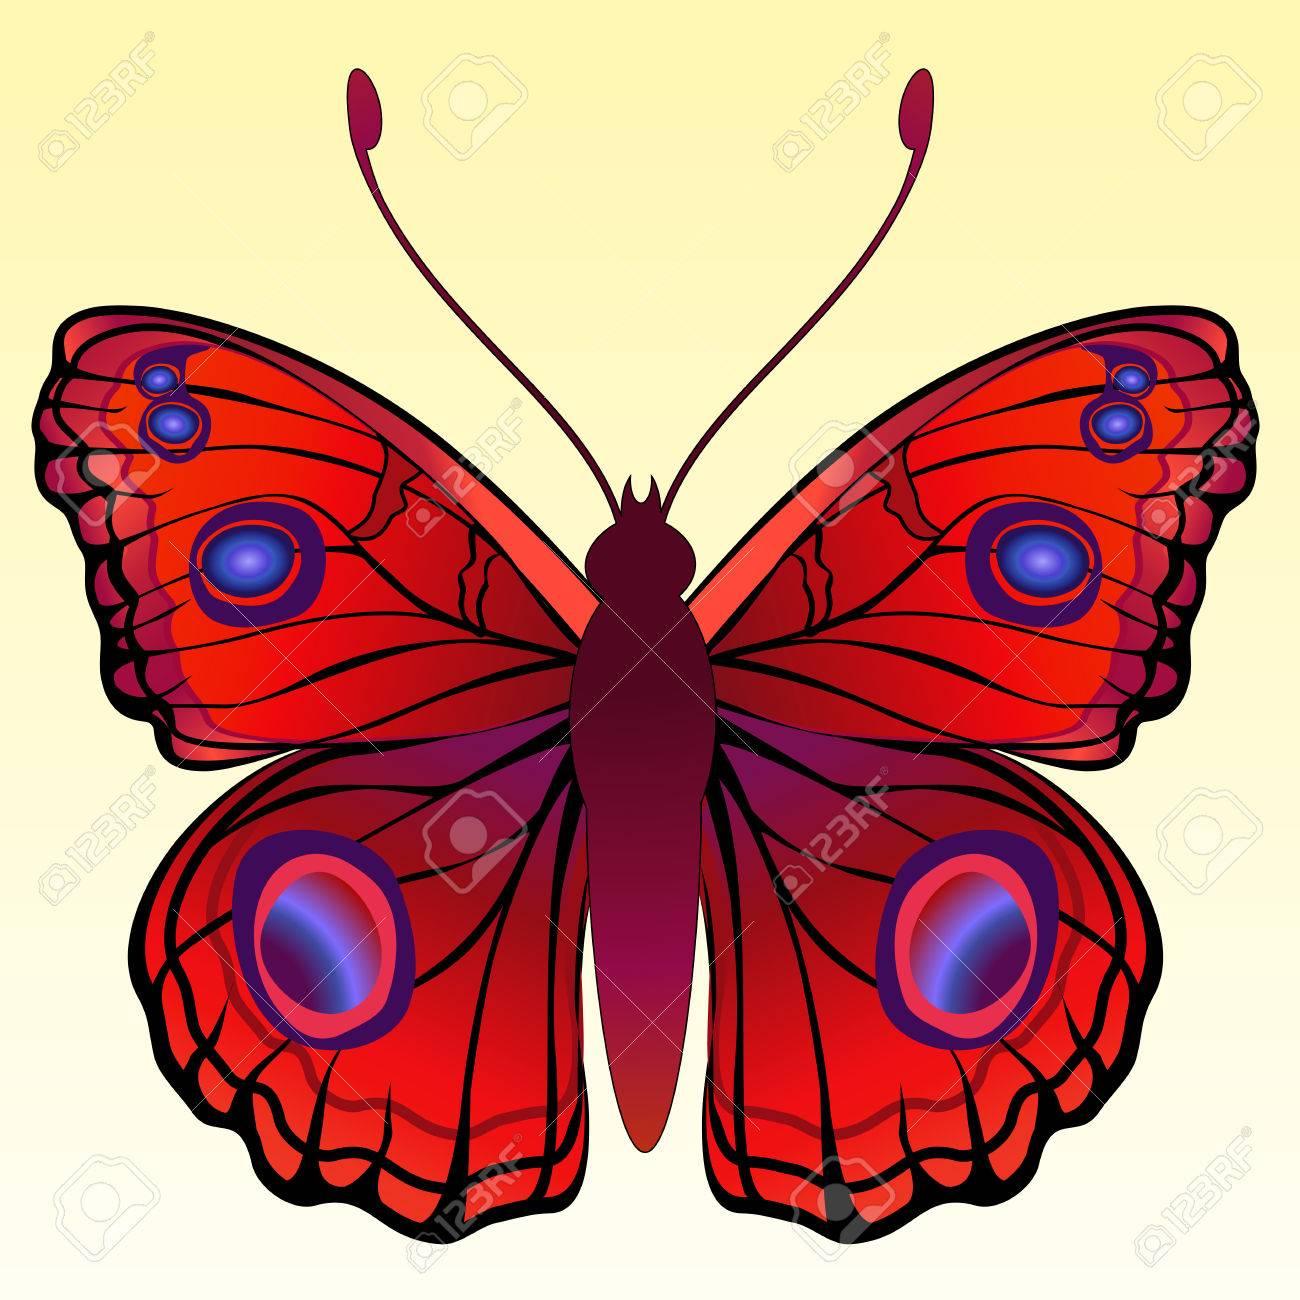 Ilustración De Mariposa Brightly Coloreado Detallada. Ilustraciones ...